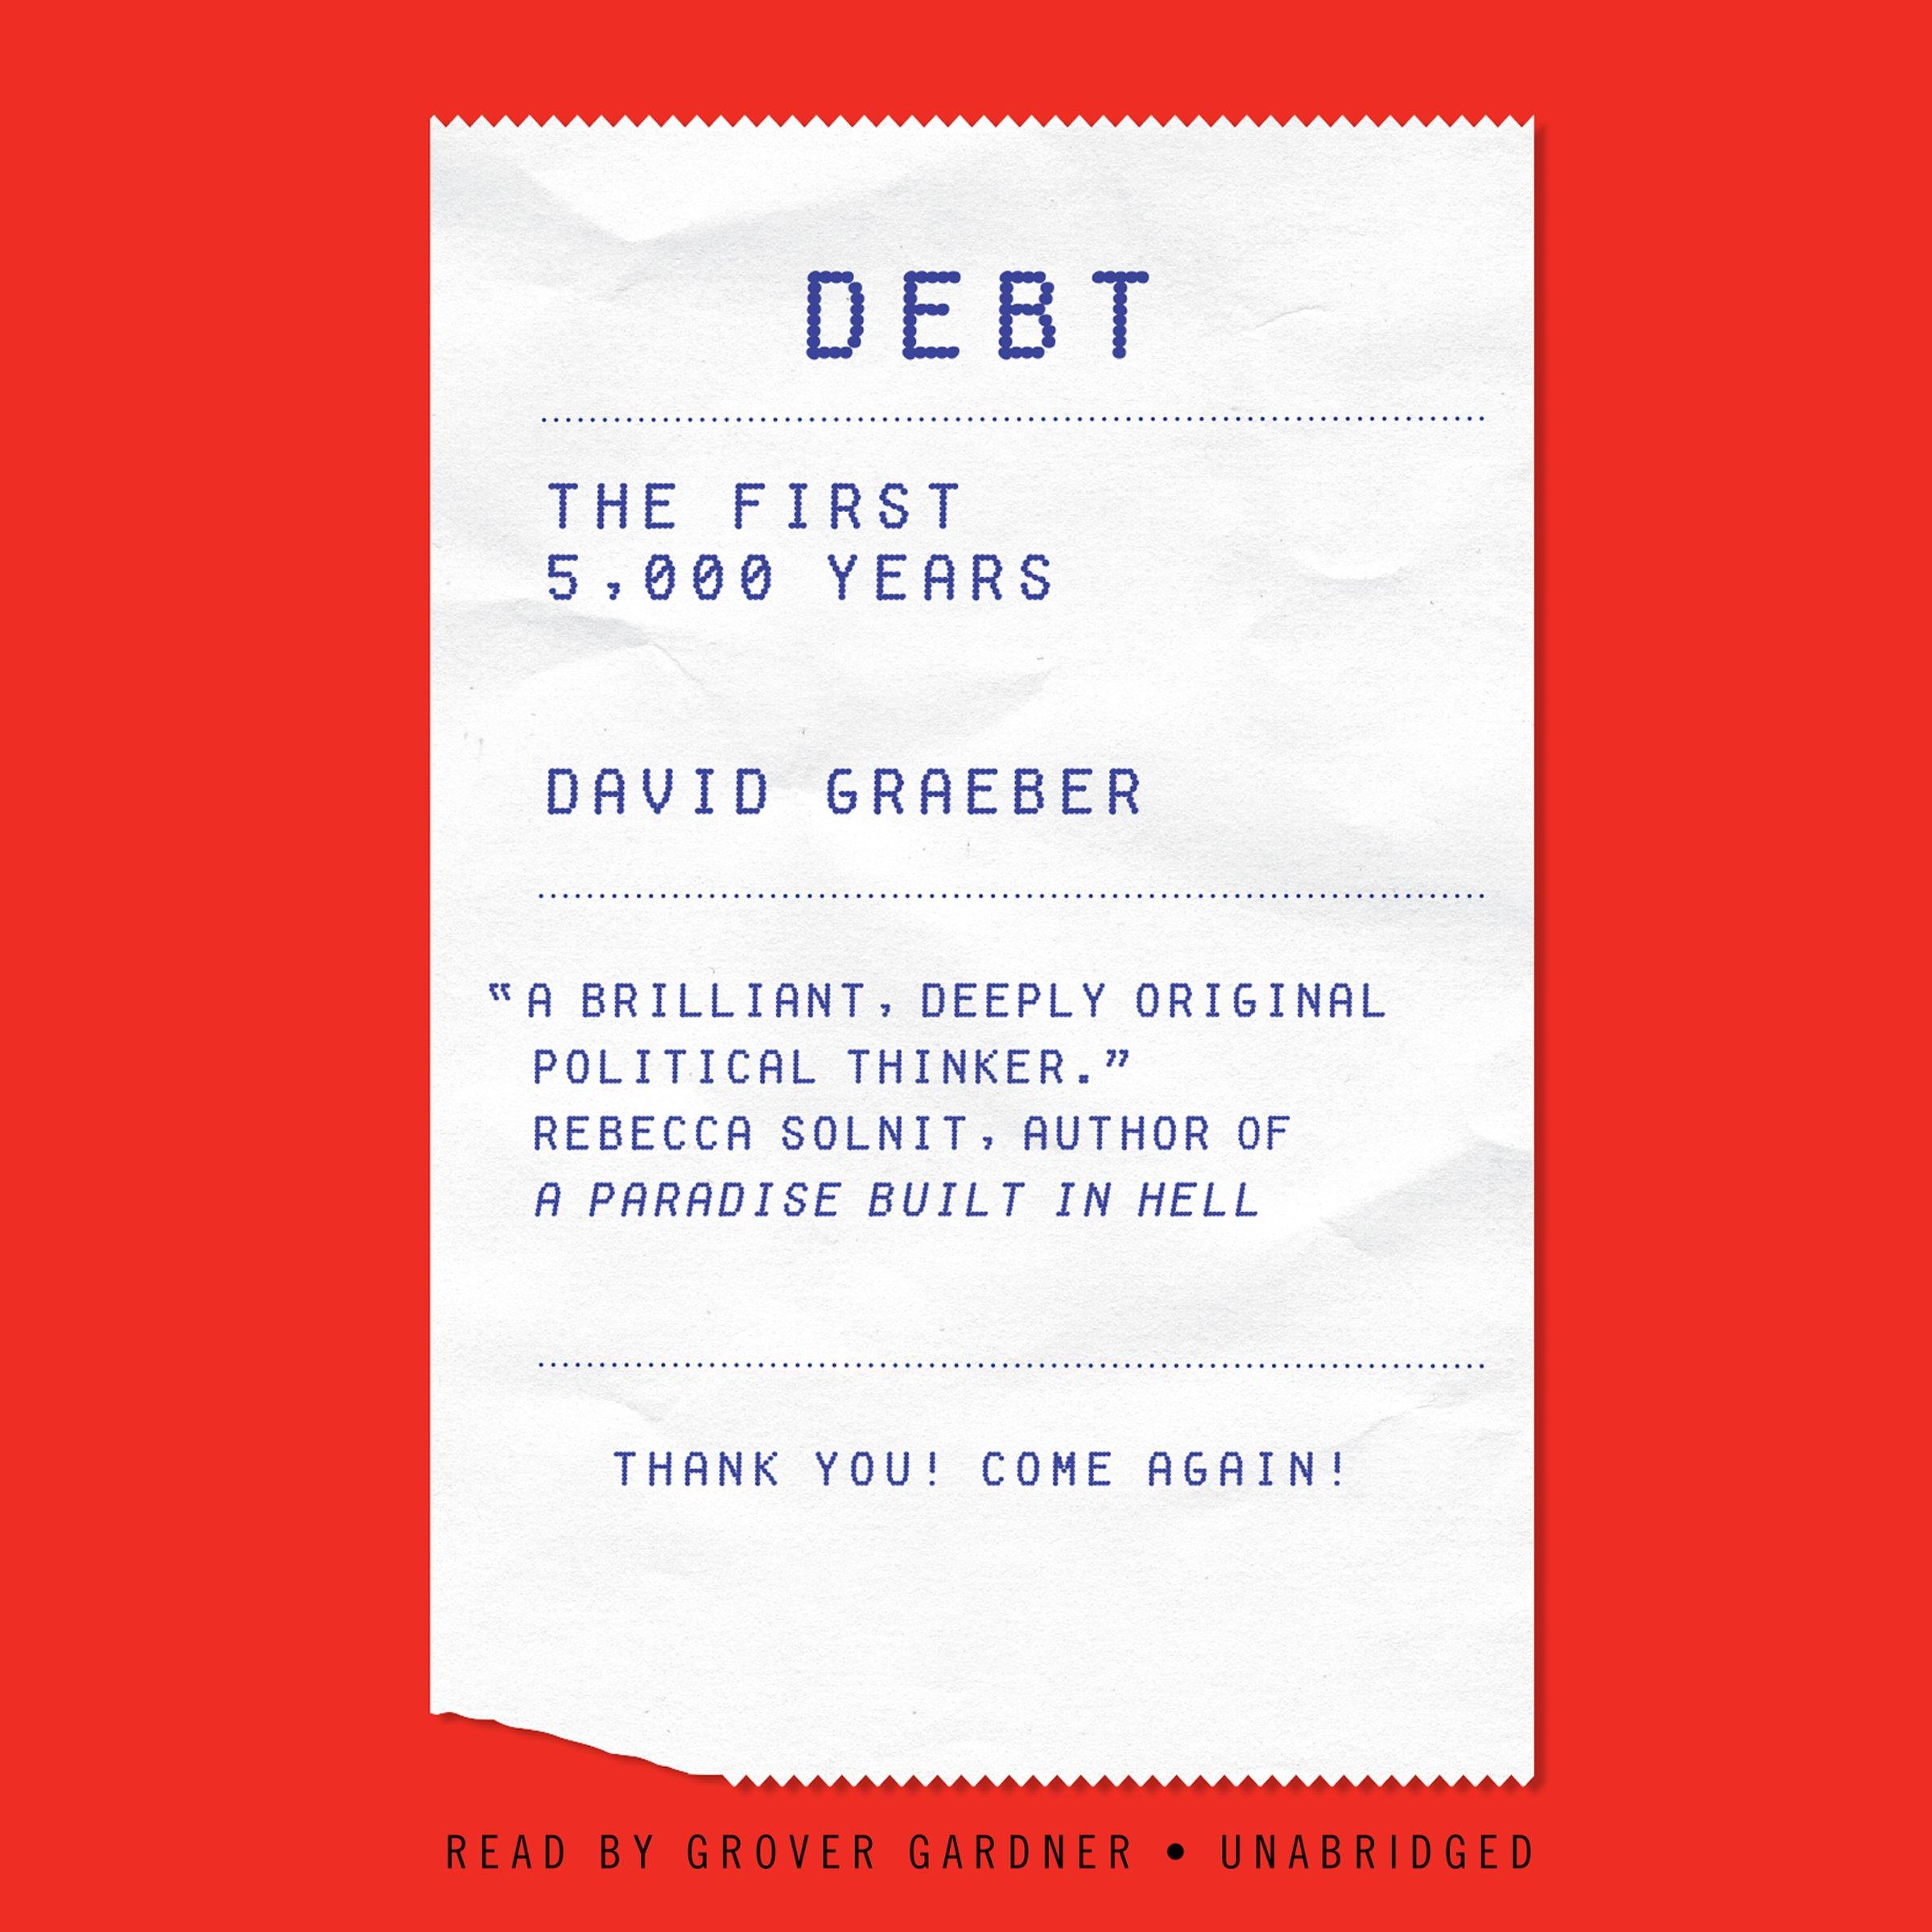 debt - 81B4dwl3f3L.jpg